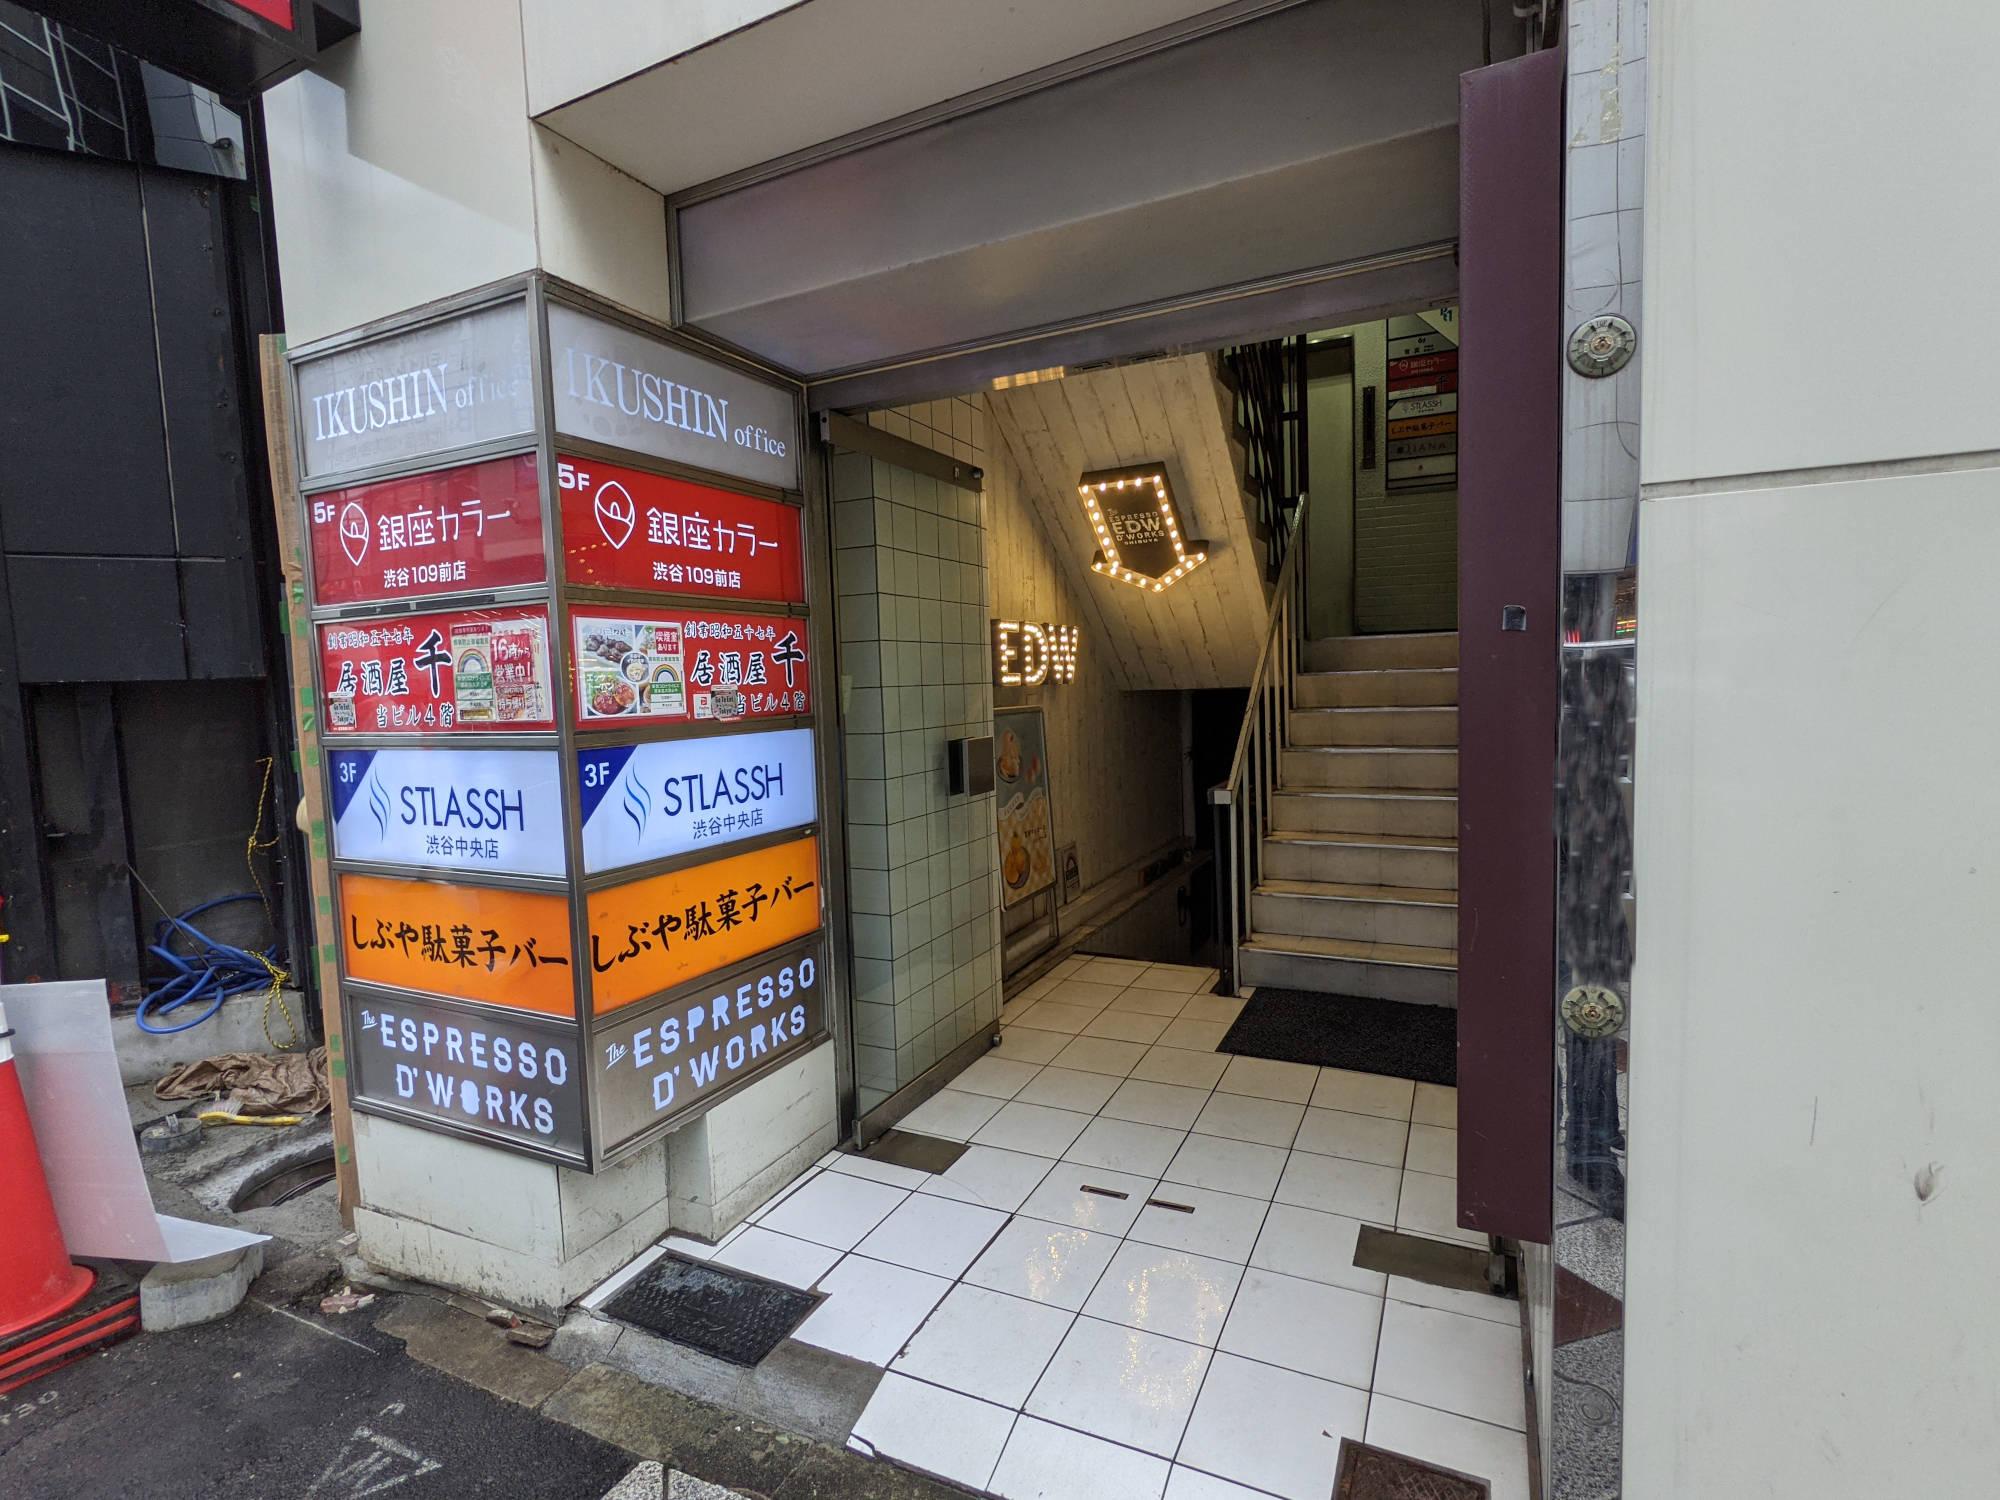 ESPRESSO D WORKS 渋谷 入り口